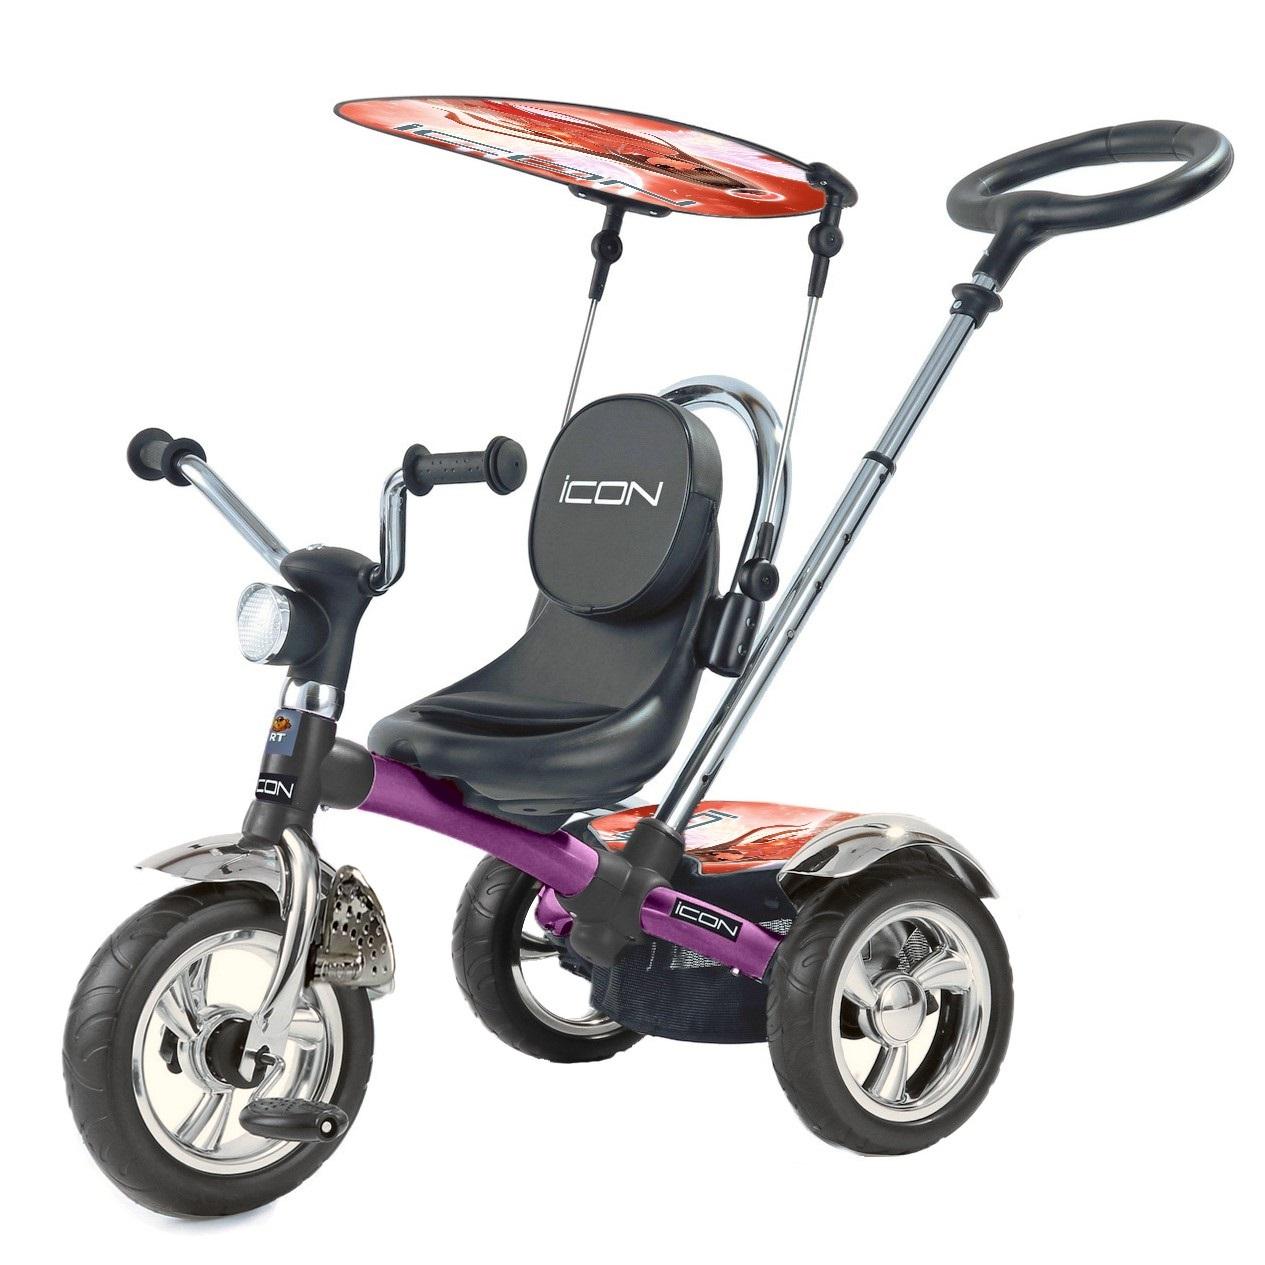 Купить ICON Трёхколёсный велосипед Lexus trike original 4 , цвет fuksia angel 3676, Китай